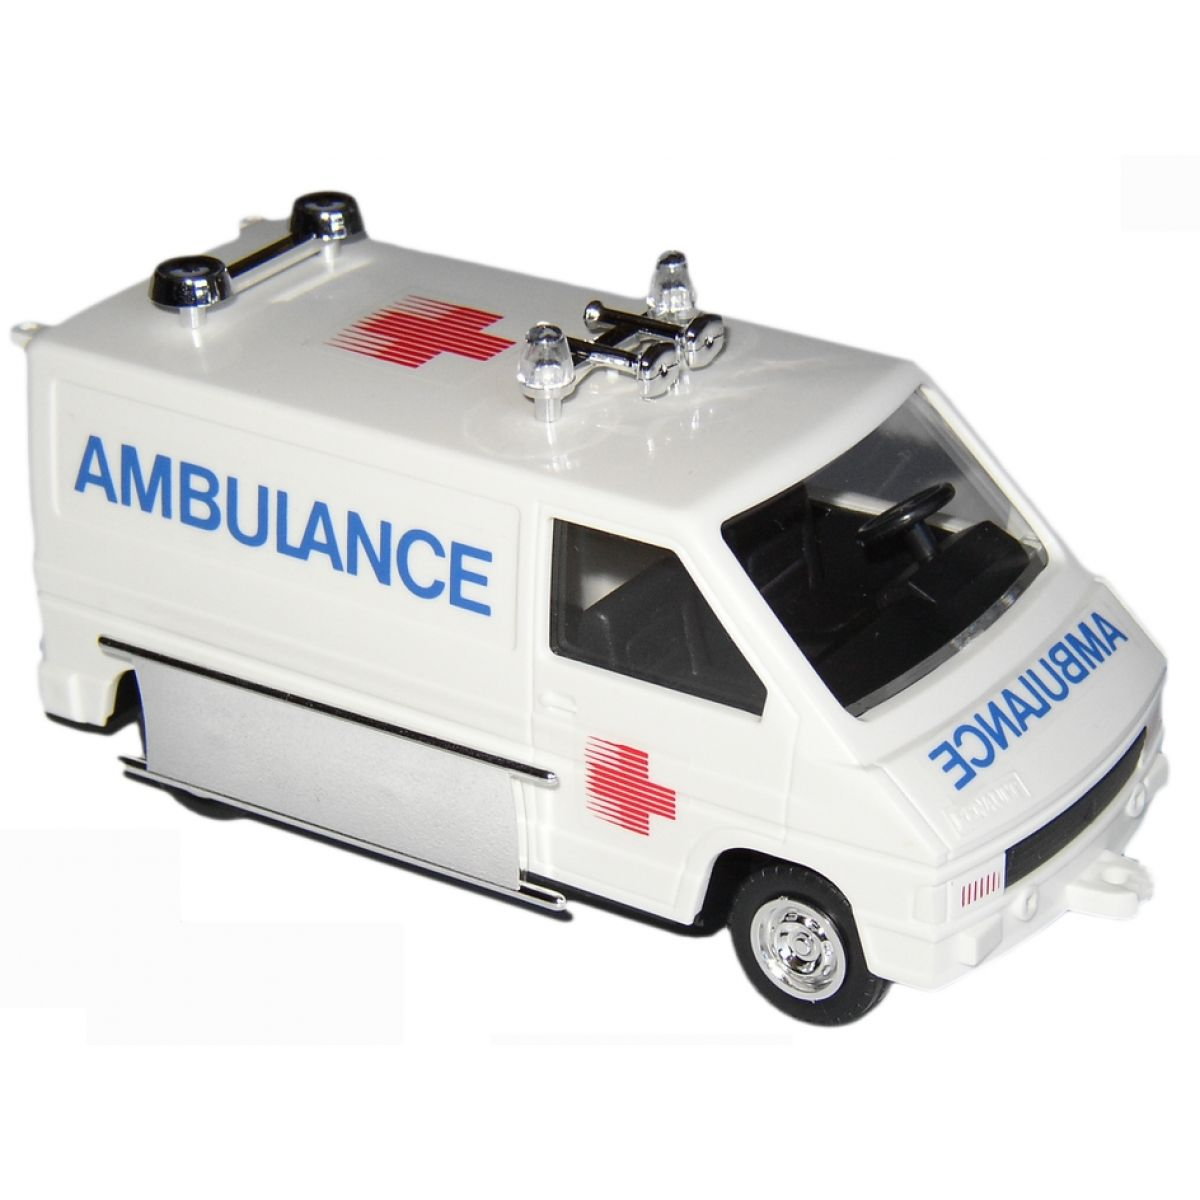 Monti System 06 Ambulance